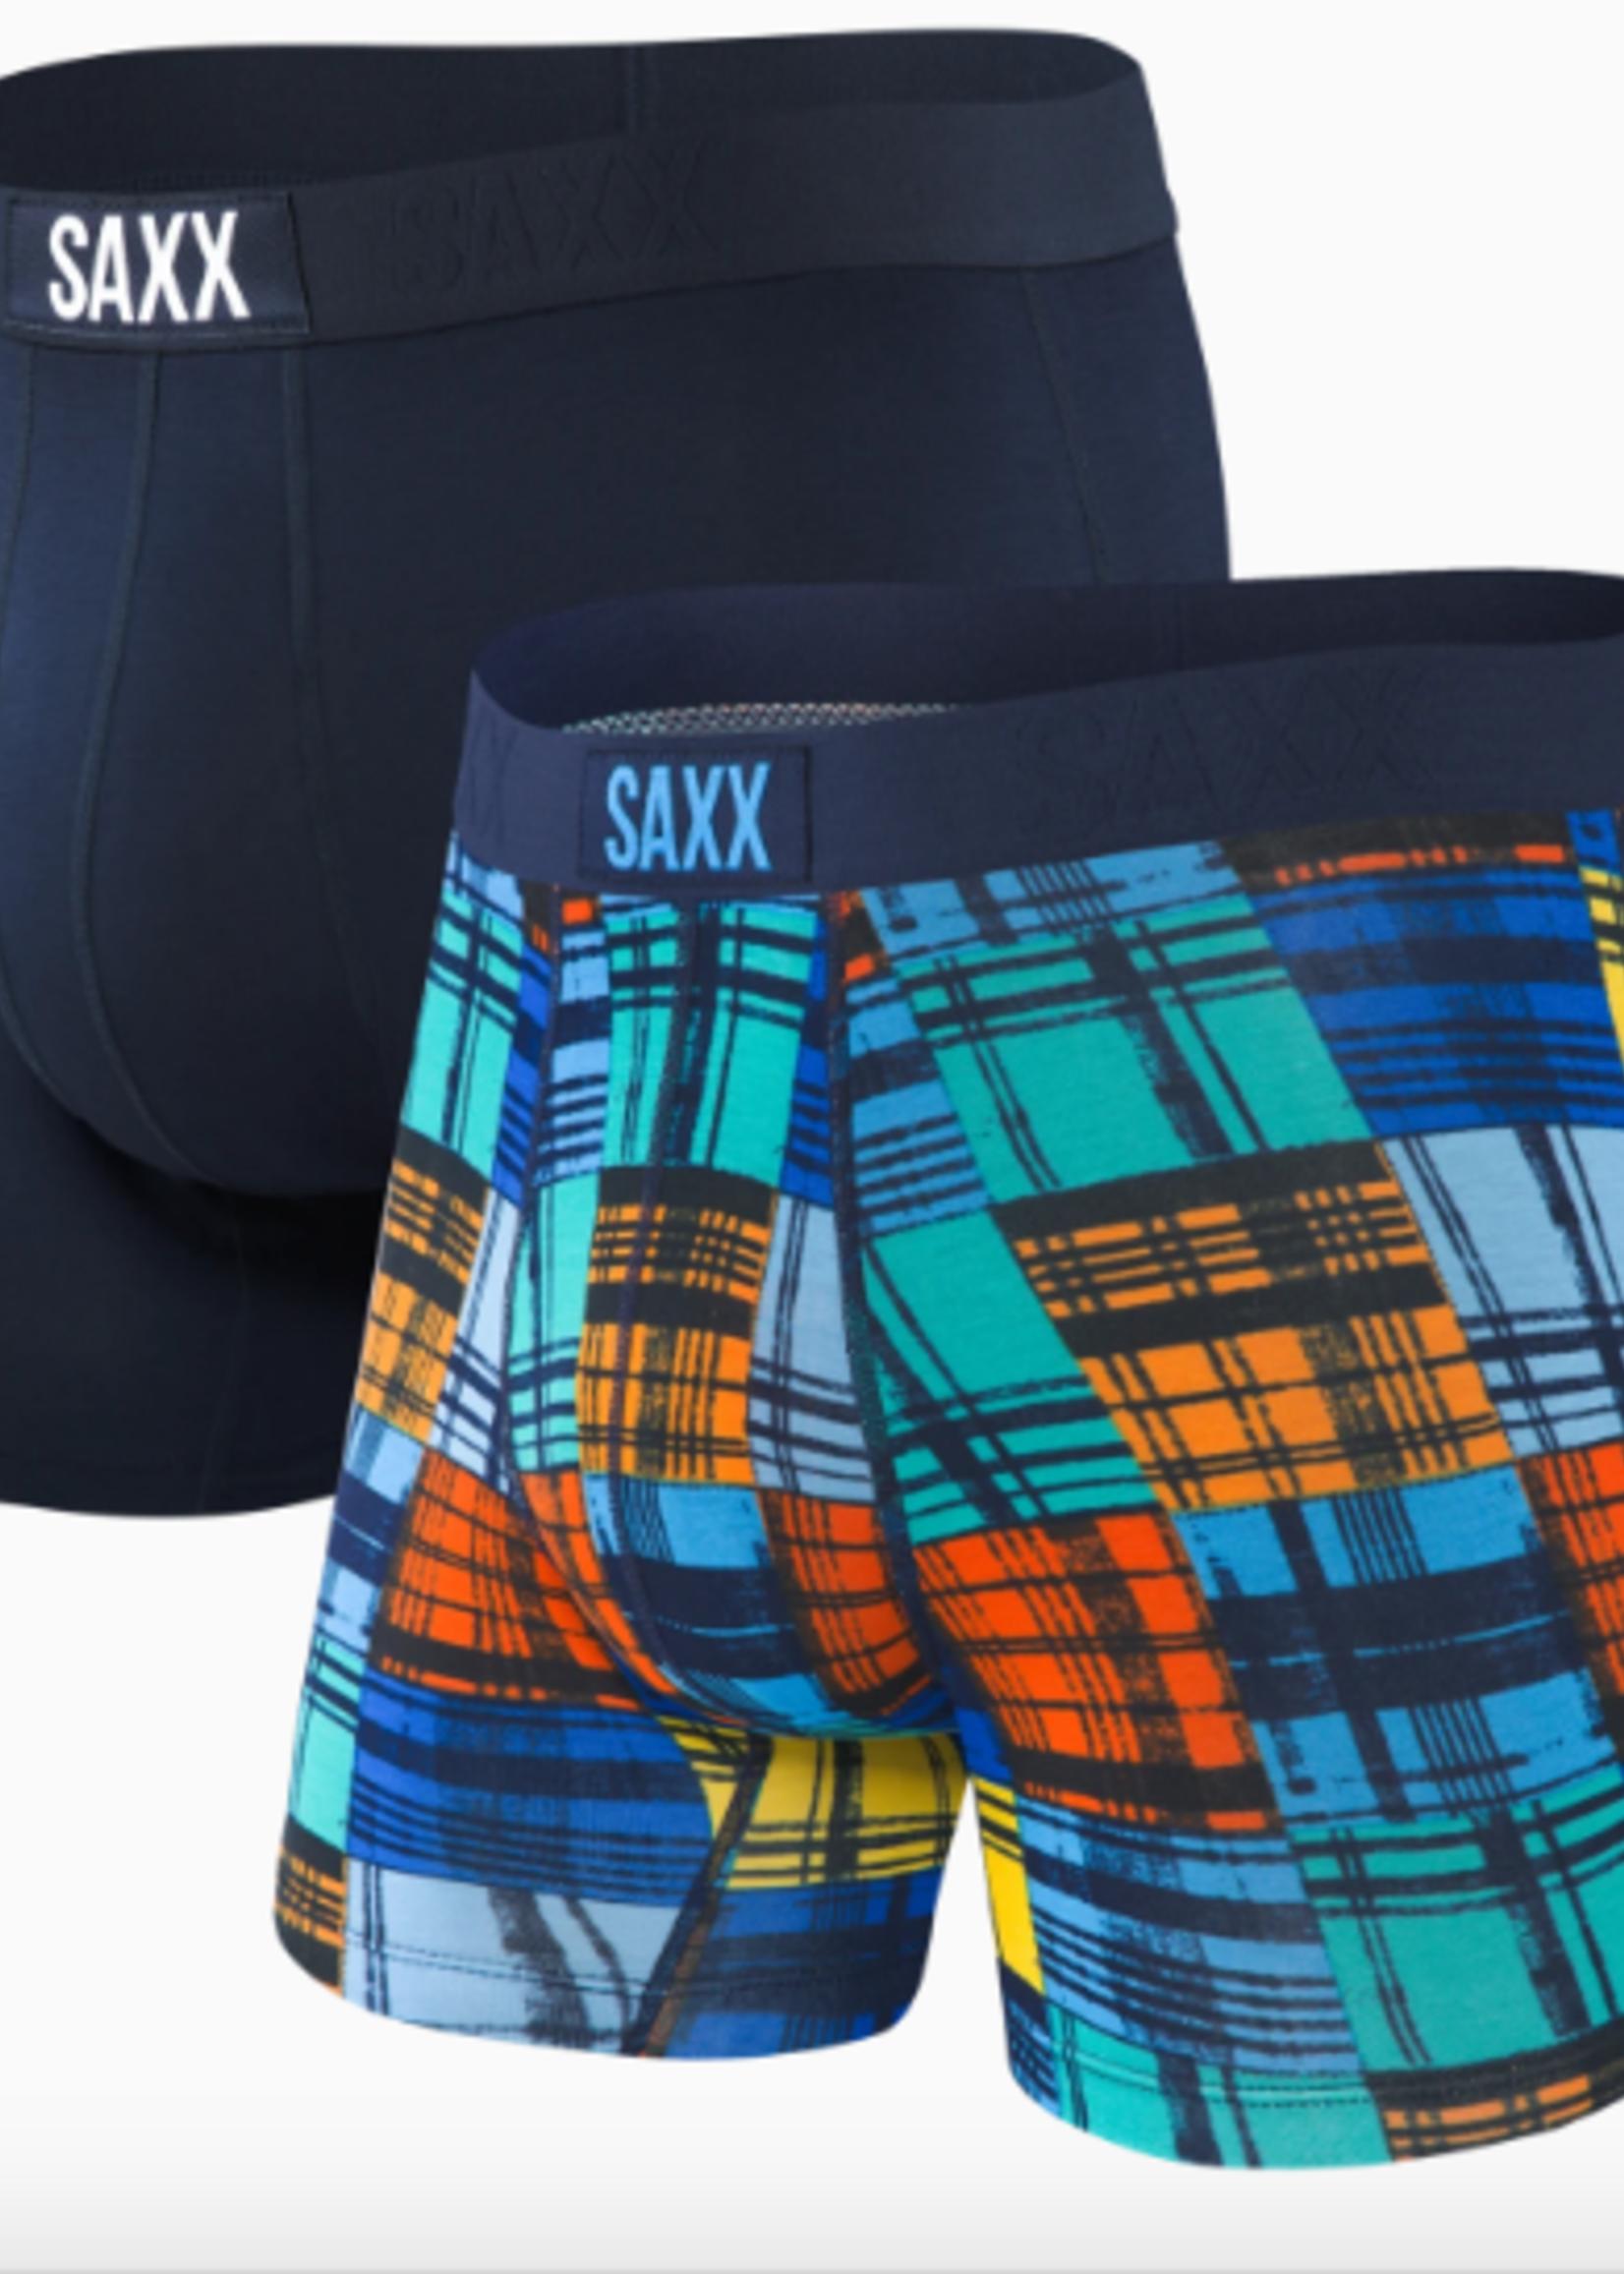 Saxx Vibe Boxer Brief 2 Pack Navy/Blue Ocean Plaid